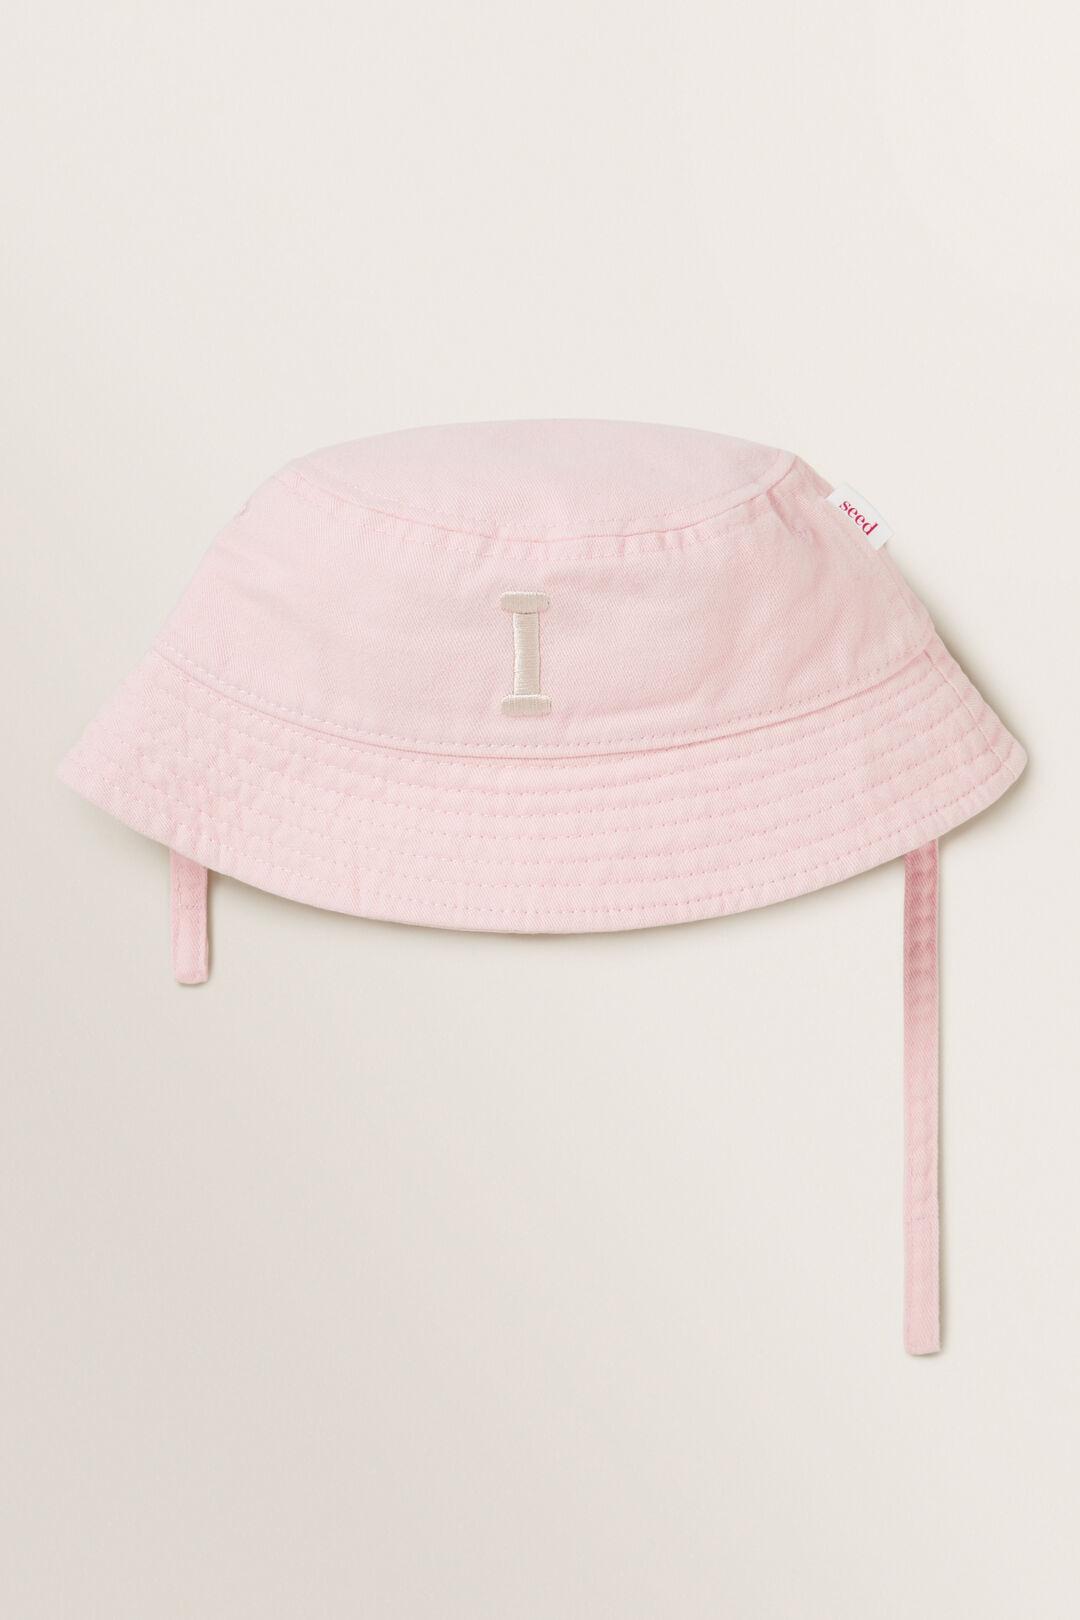 Initial Bucket Hat  I  hi-res